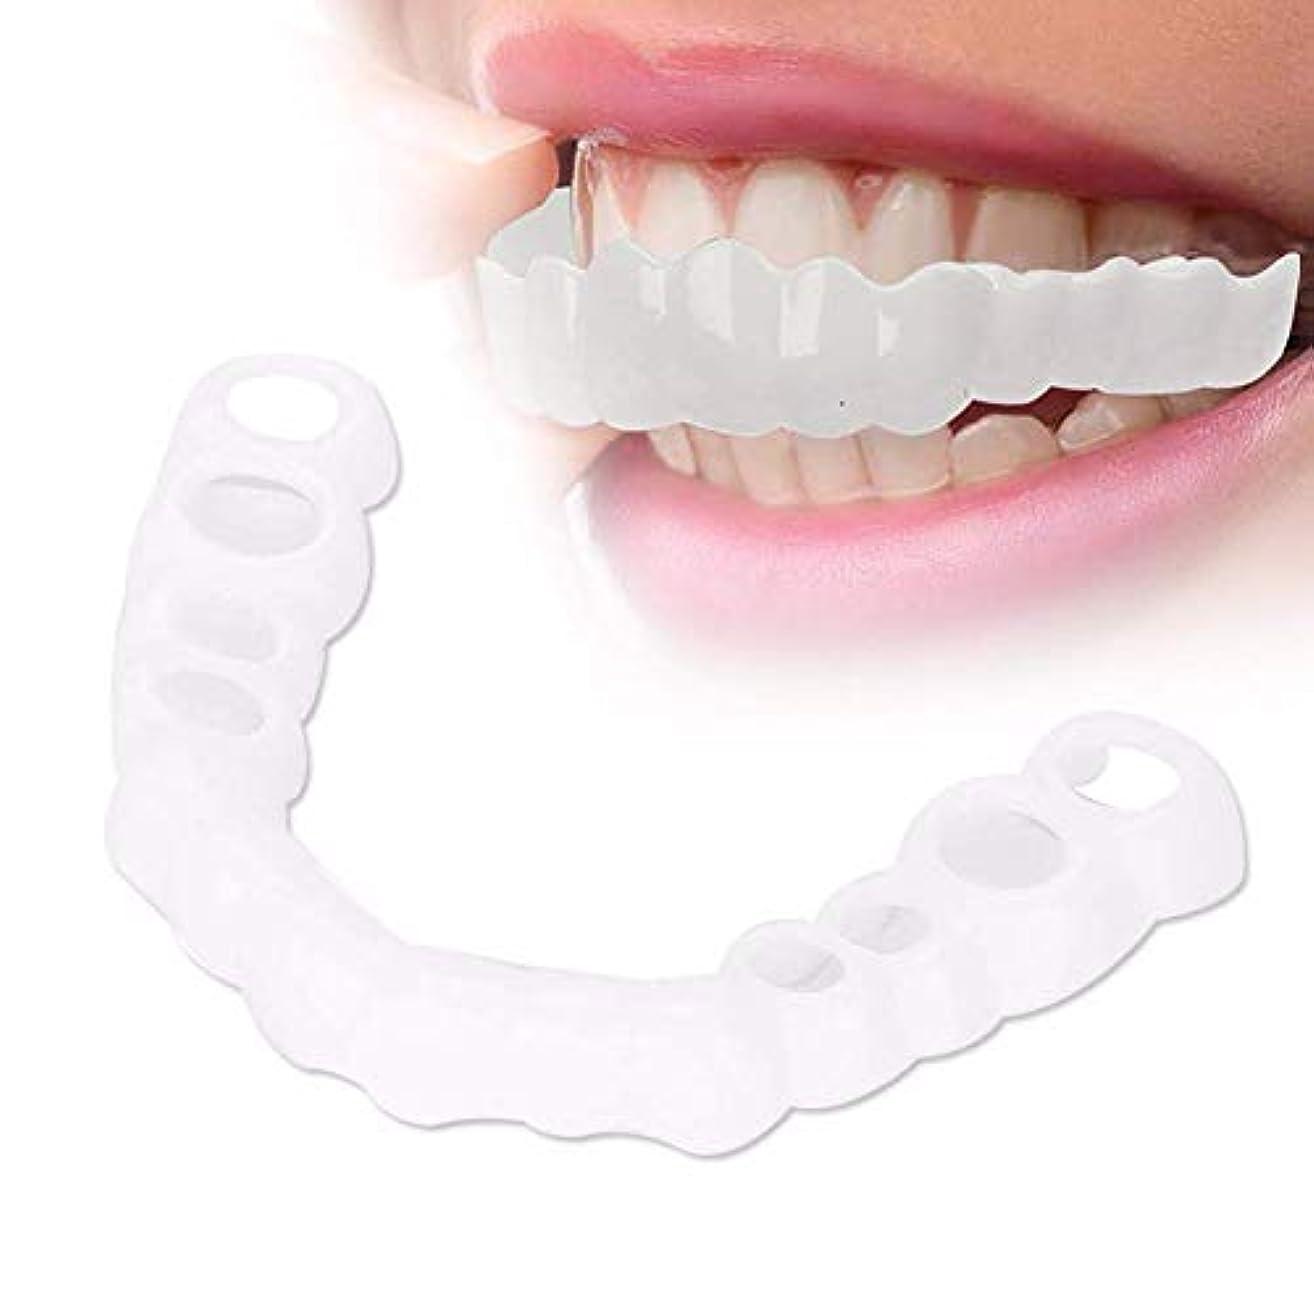 有力者静けさ戻る一時的な笑顔の快適さフィット化粧品の歯義歯のベニヤの歯快適さのフィットフレックス化粧品の歯の歯のベニア(上の歯)